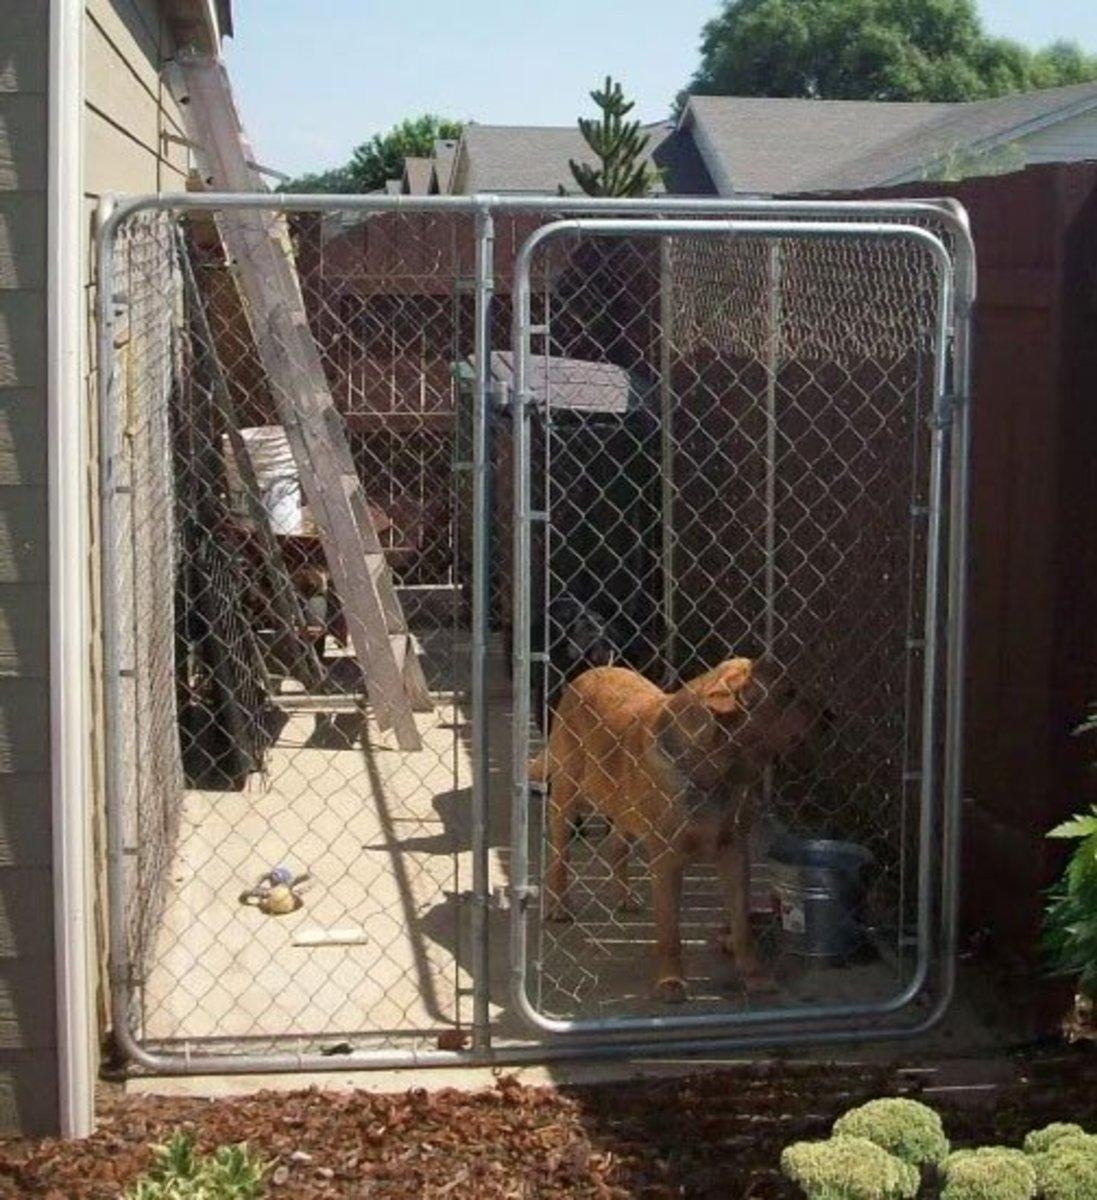 Pooch in pre-fab chain link dog run.